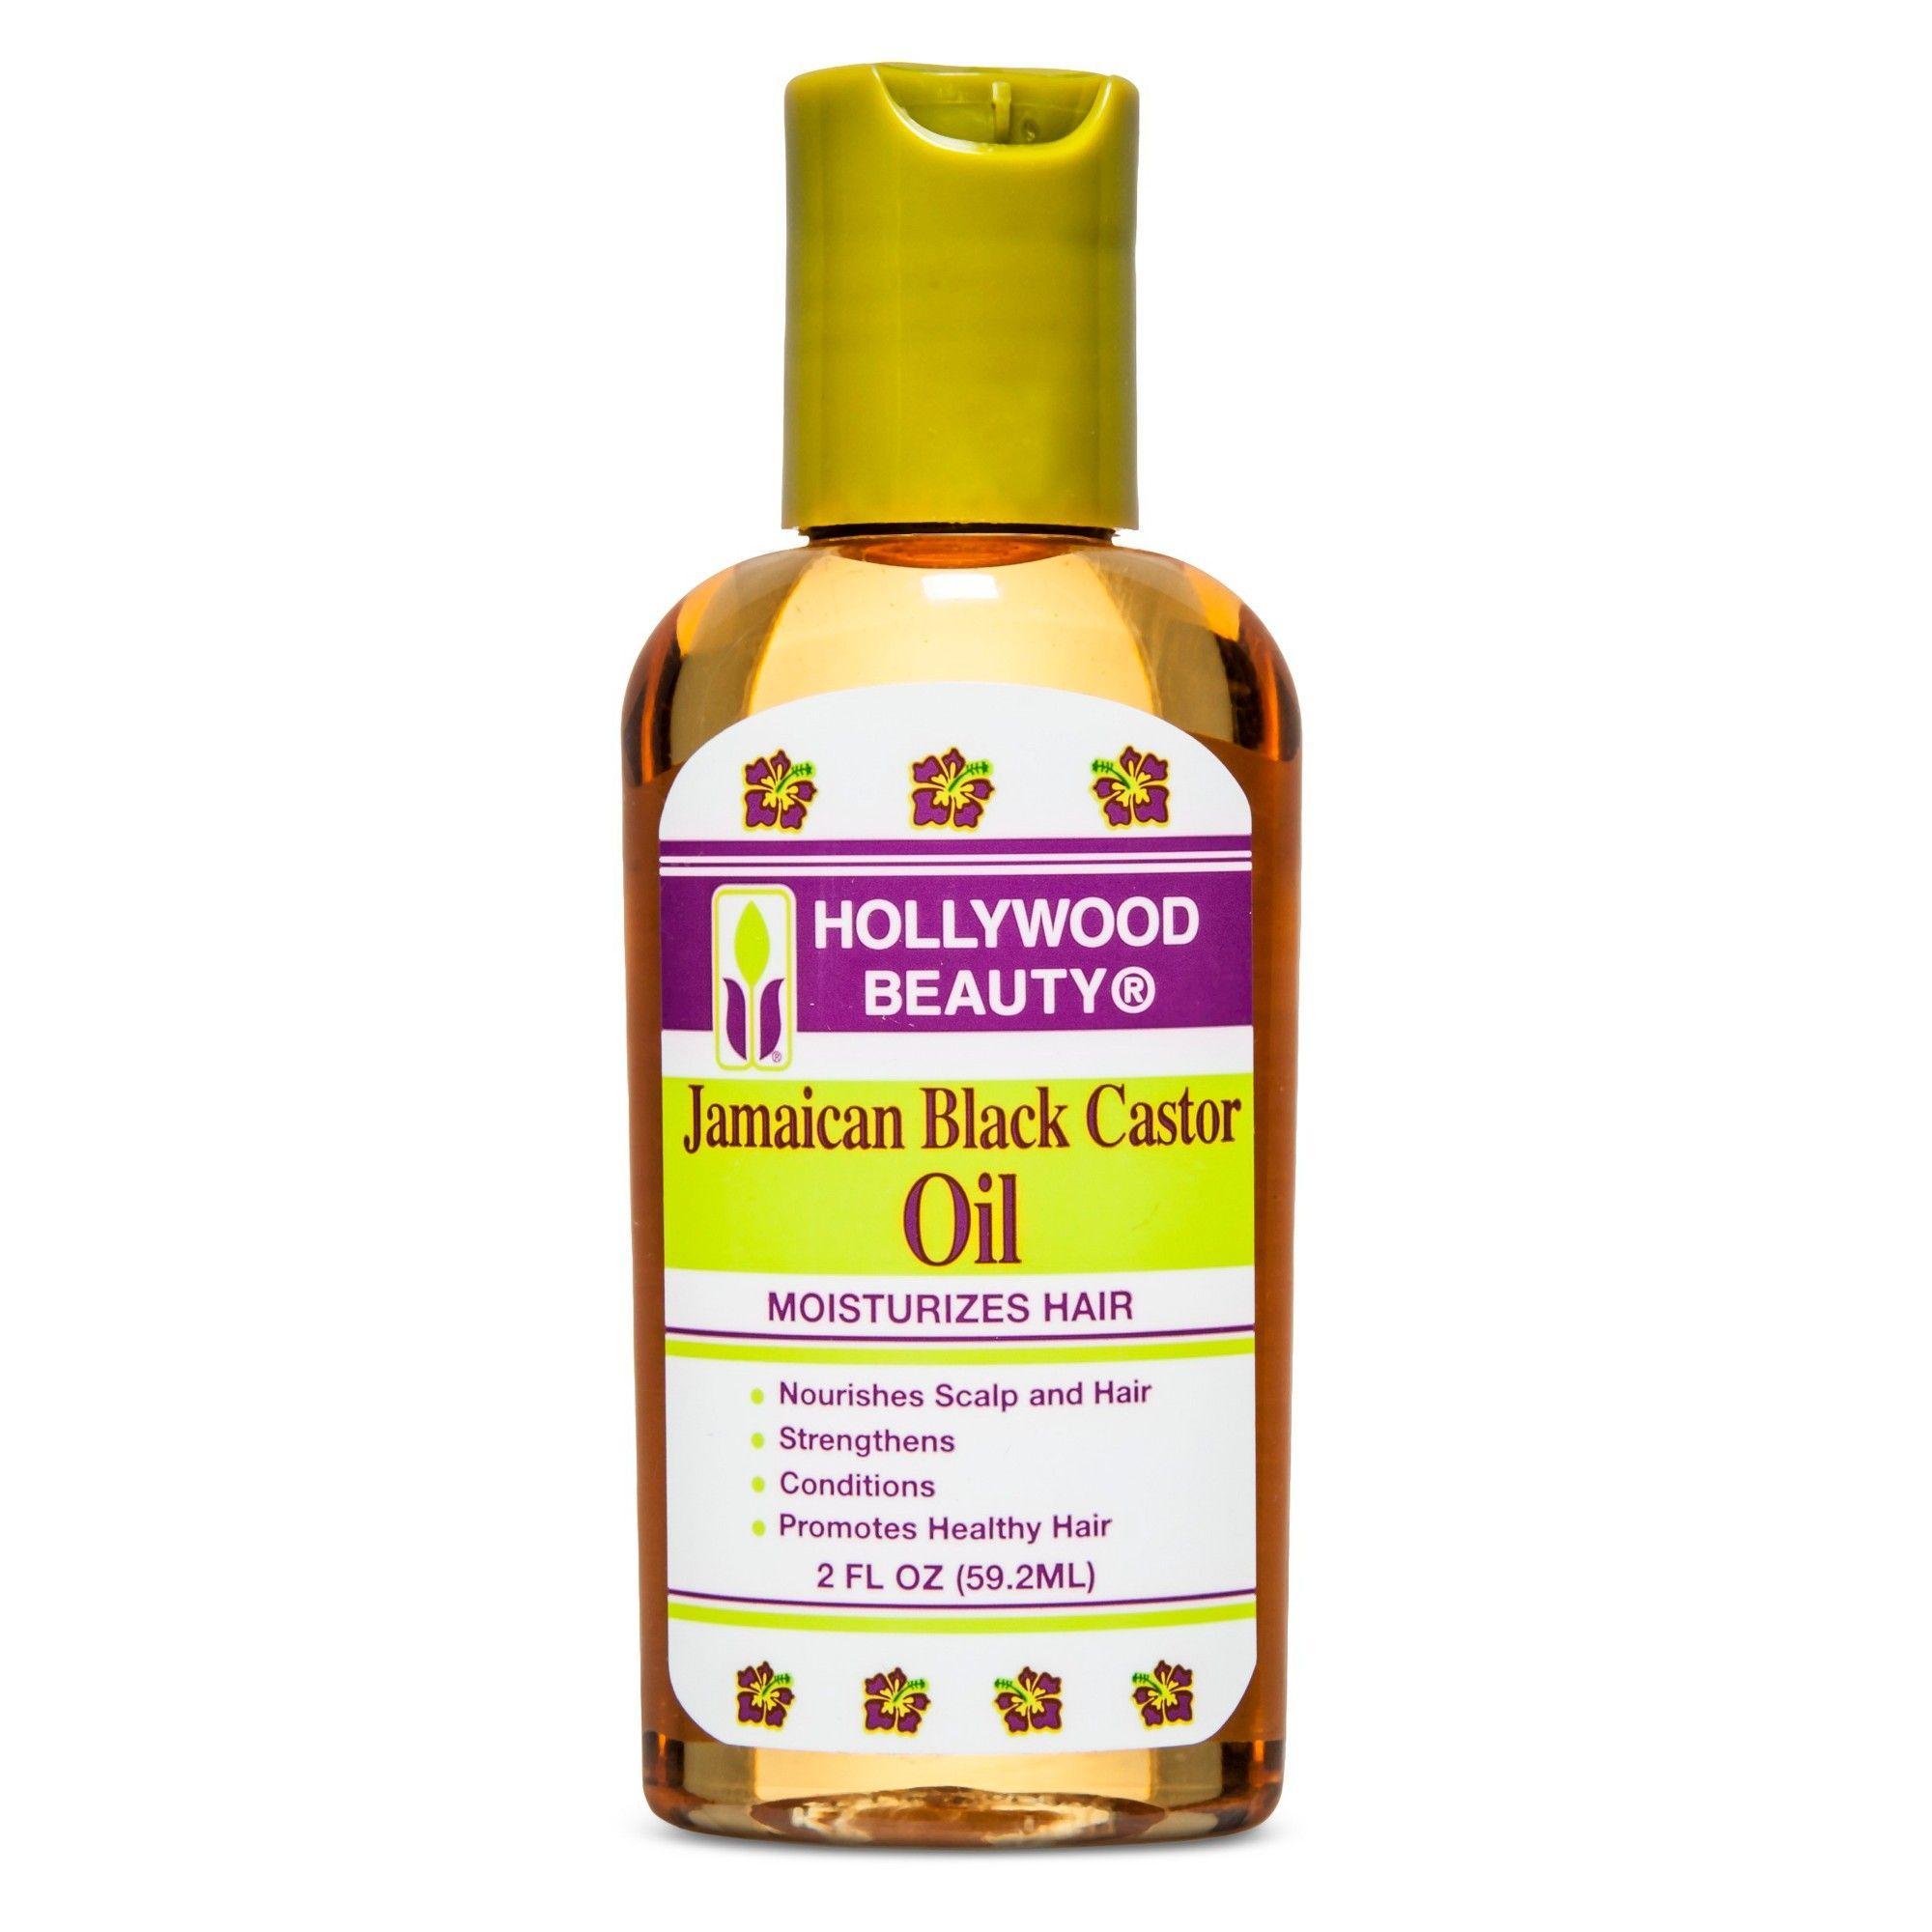 Hollywood Beauty Jamaican Black Castor Oil - 2oz